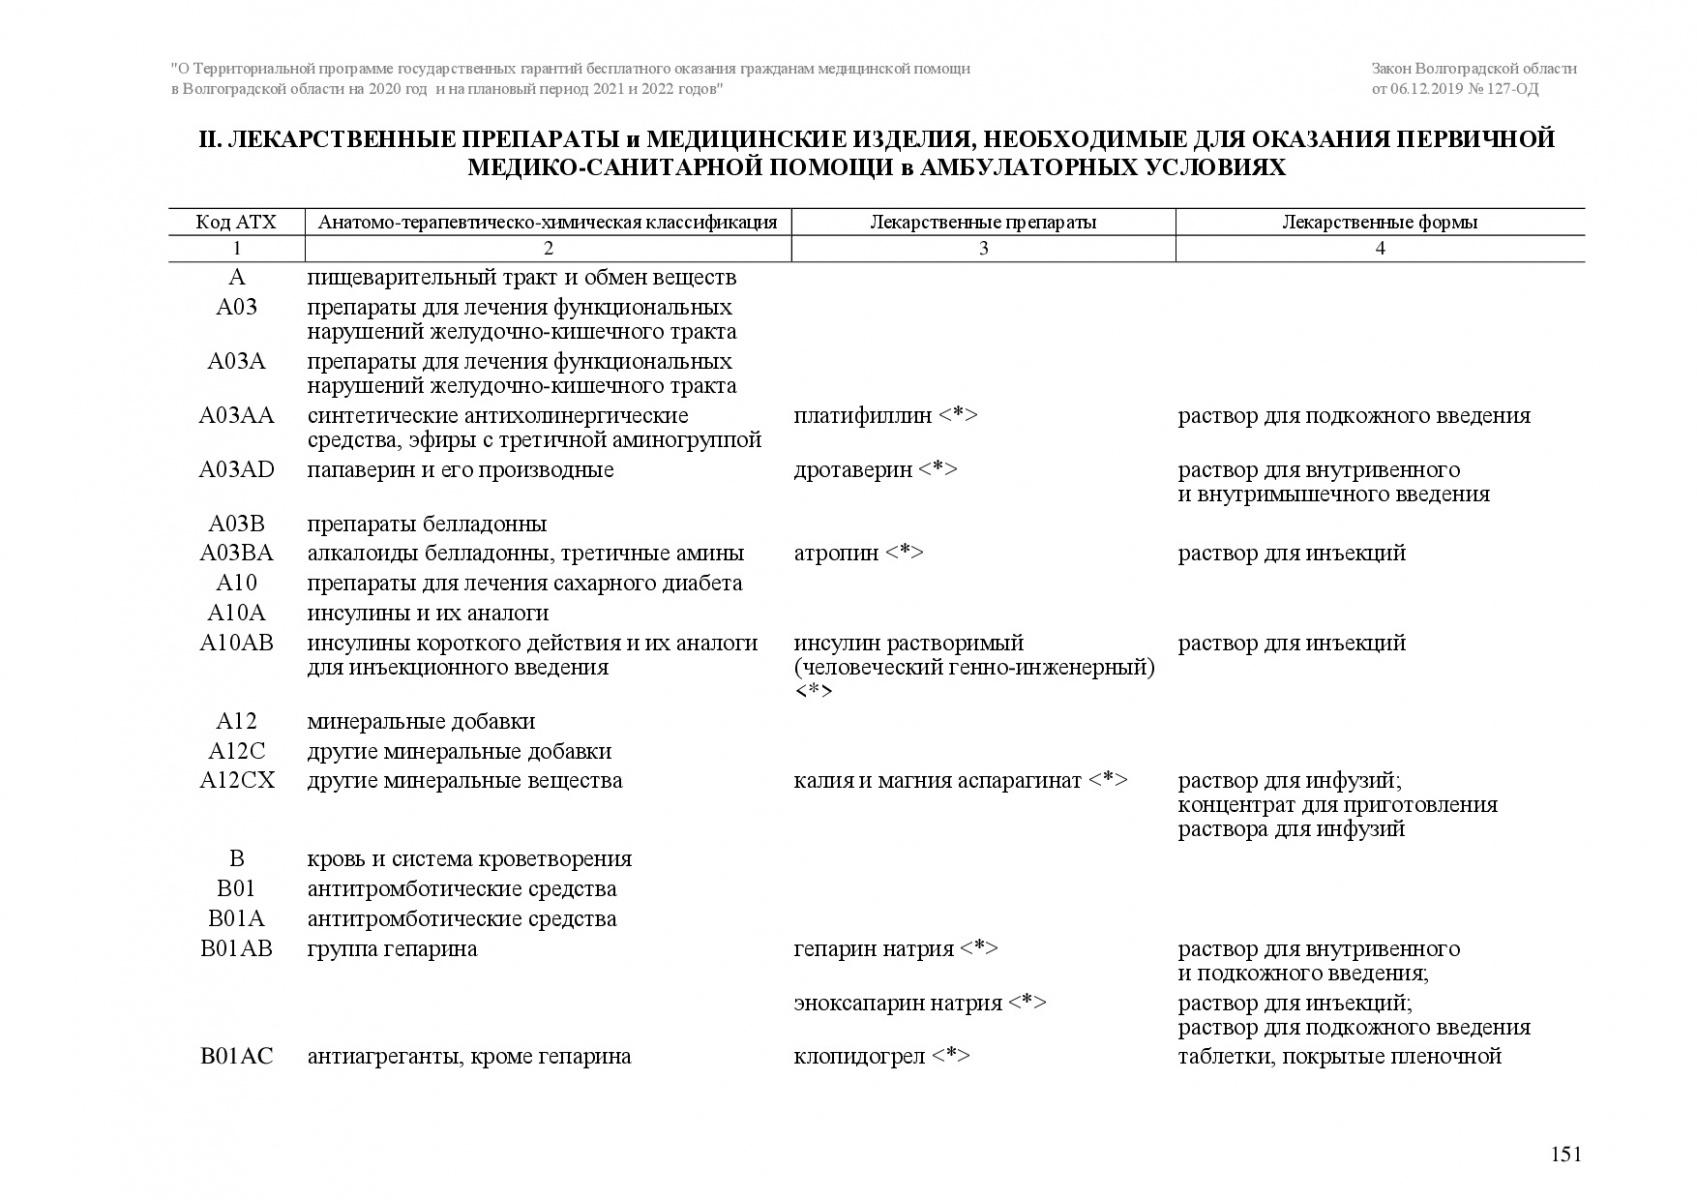 Zakon-VO-127-OD-ot-6_12_2019-TPGG-151